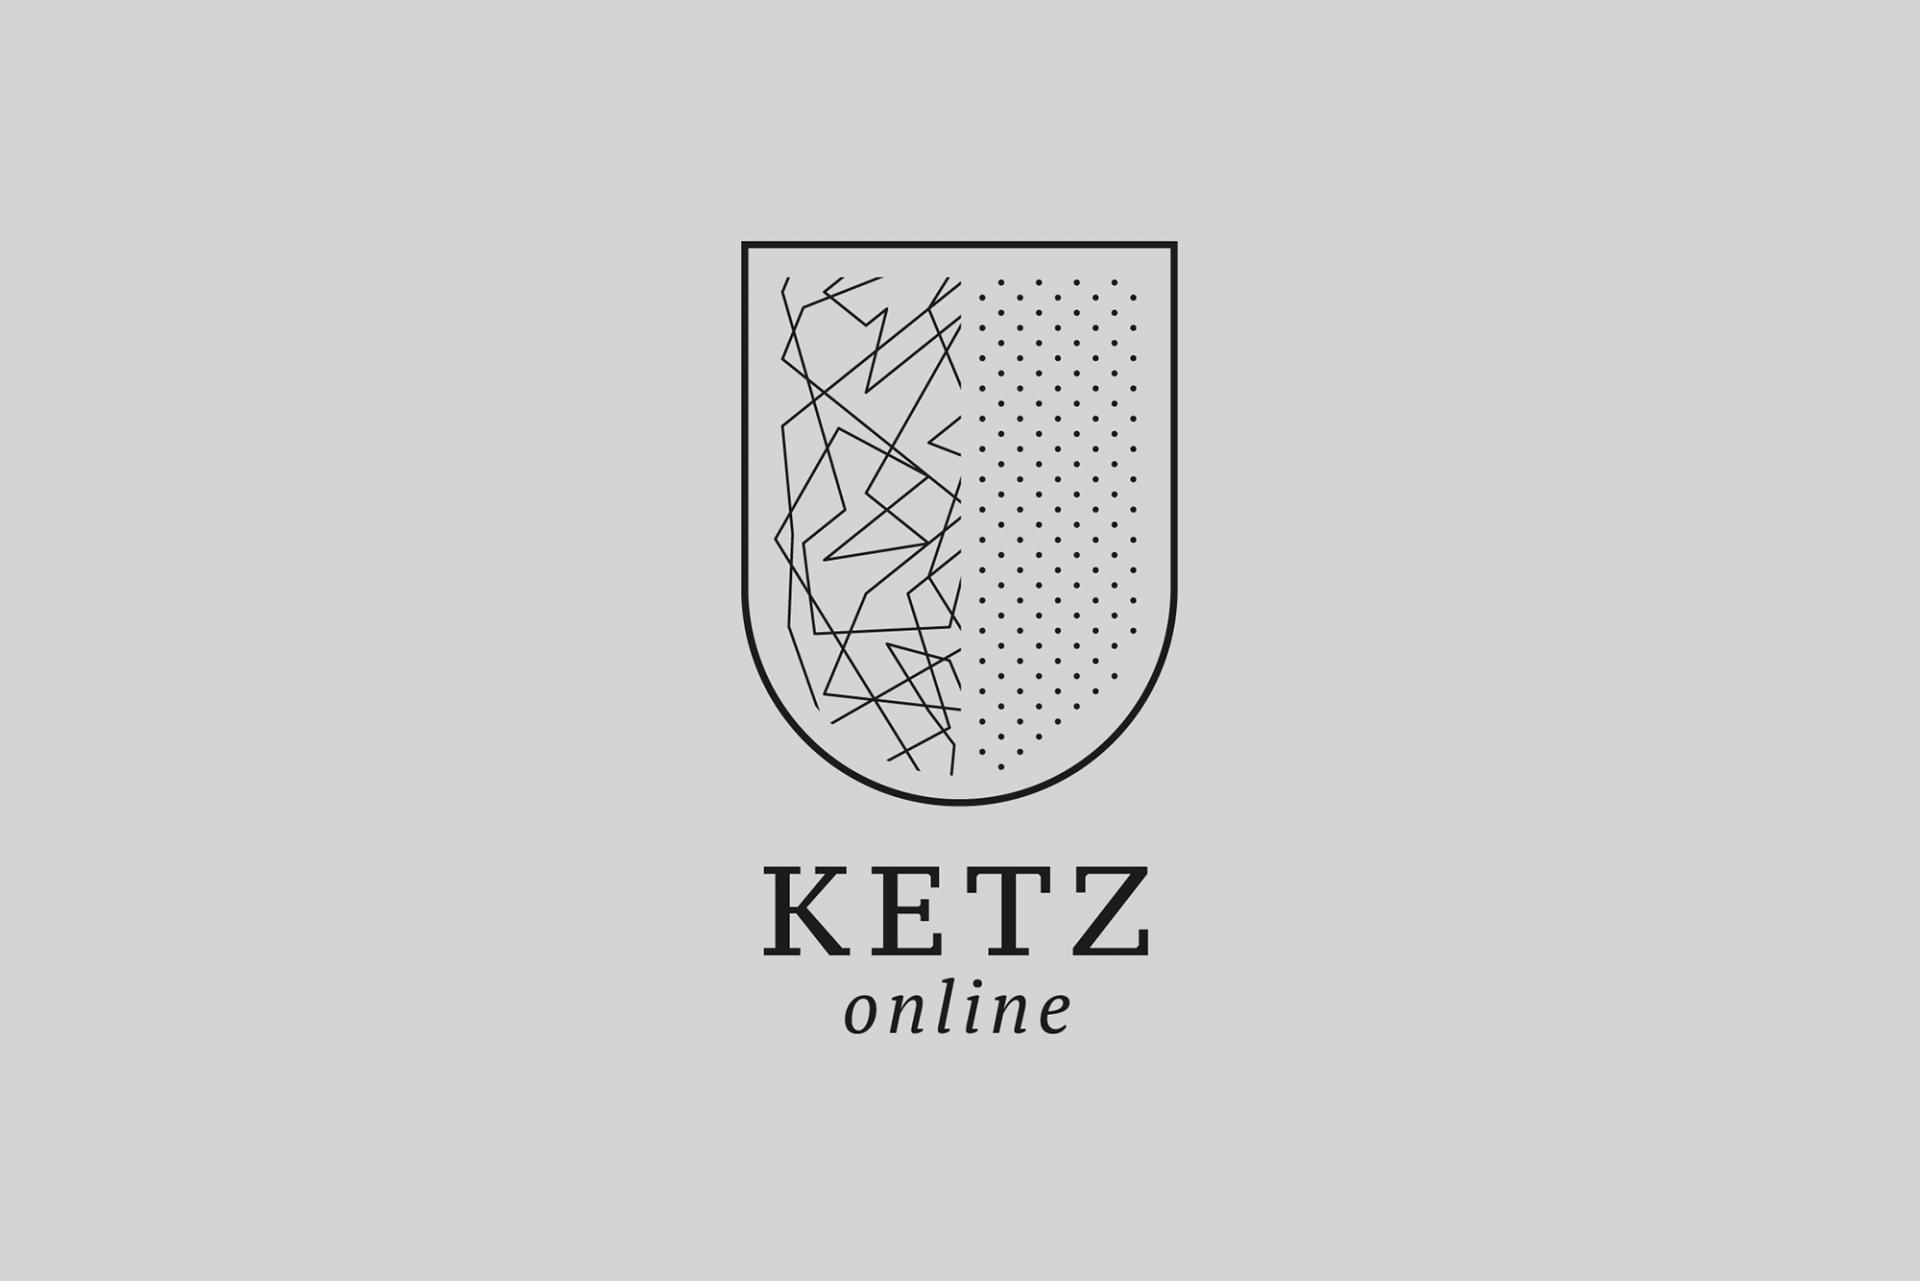 Büro Hyngar Visuelle Identität für Ketz Online GmbH